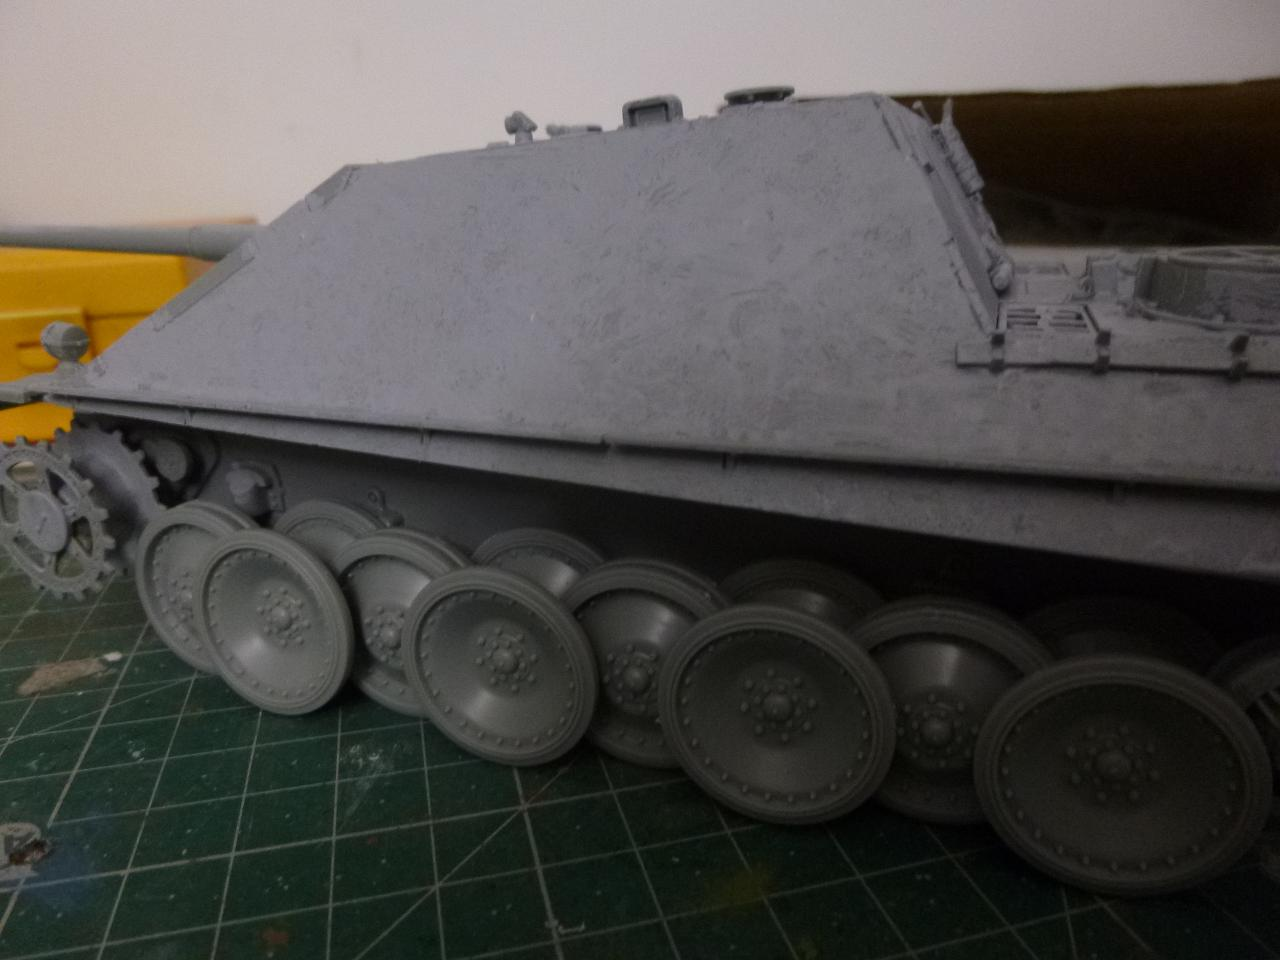 Jagdpanther fin de guerre 1945 - Dragon 1/35  151116083842919792